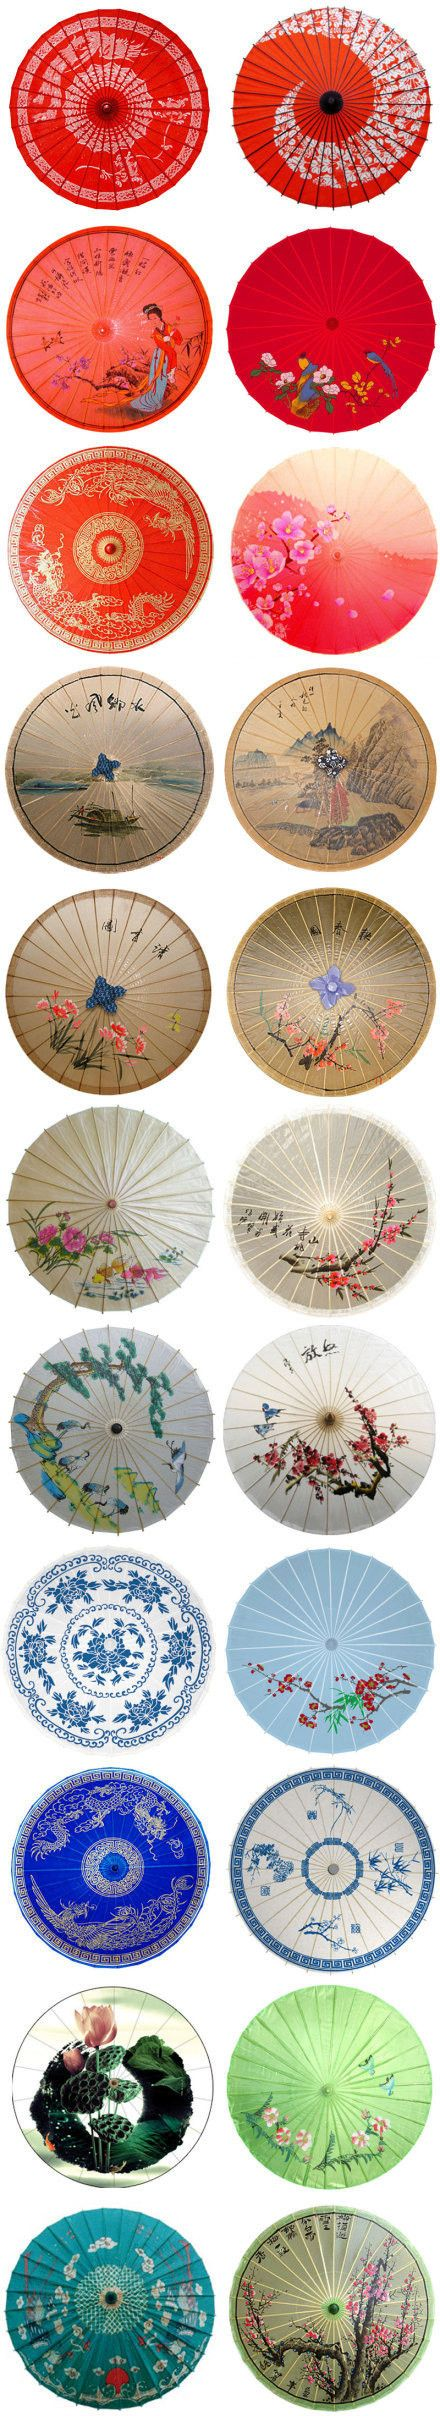 中国风-伞@一若青红采集到我的(116图)_花瓣平面